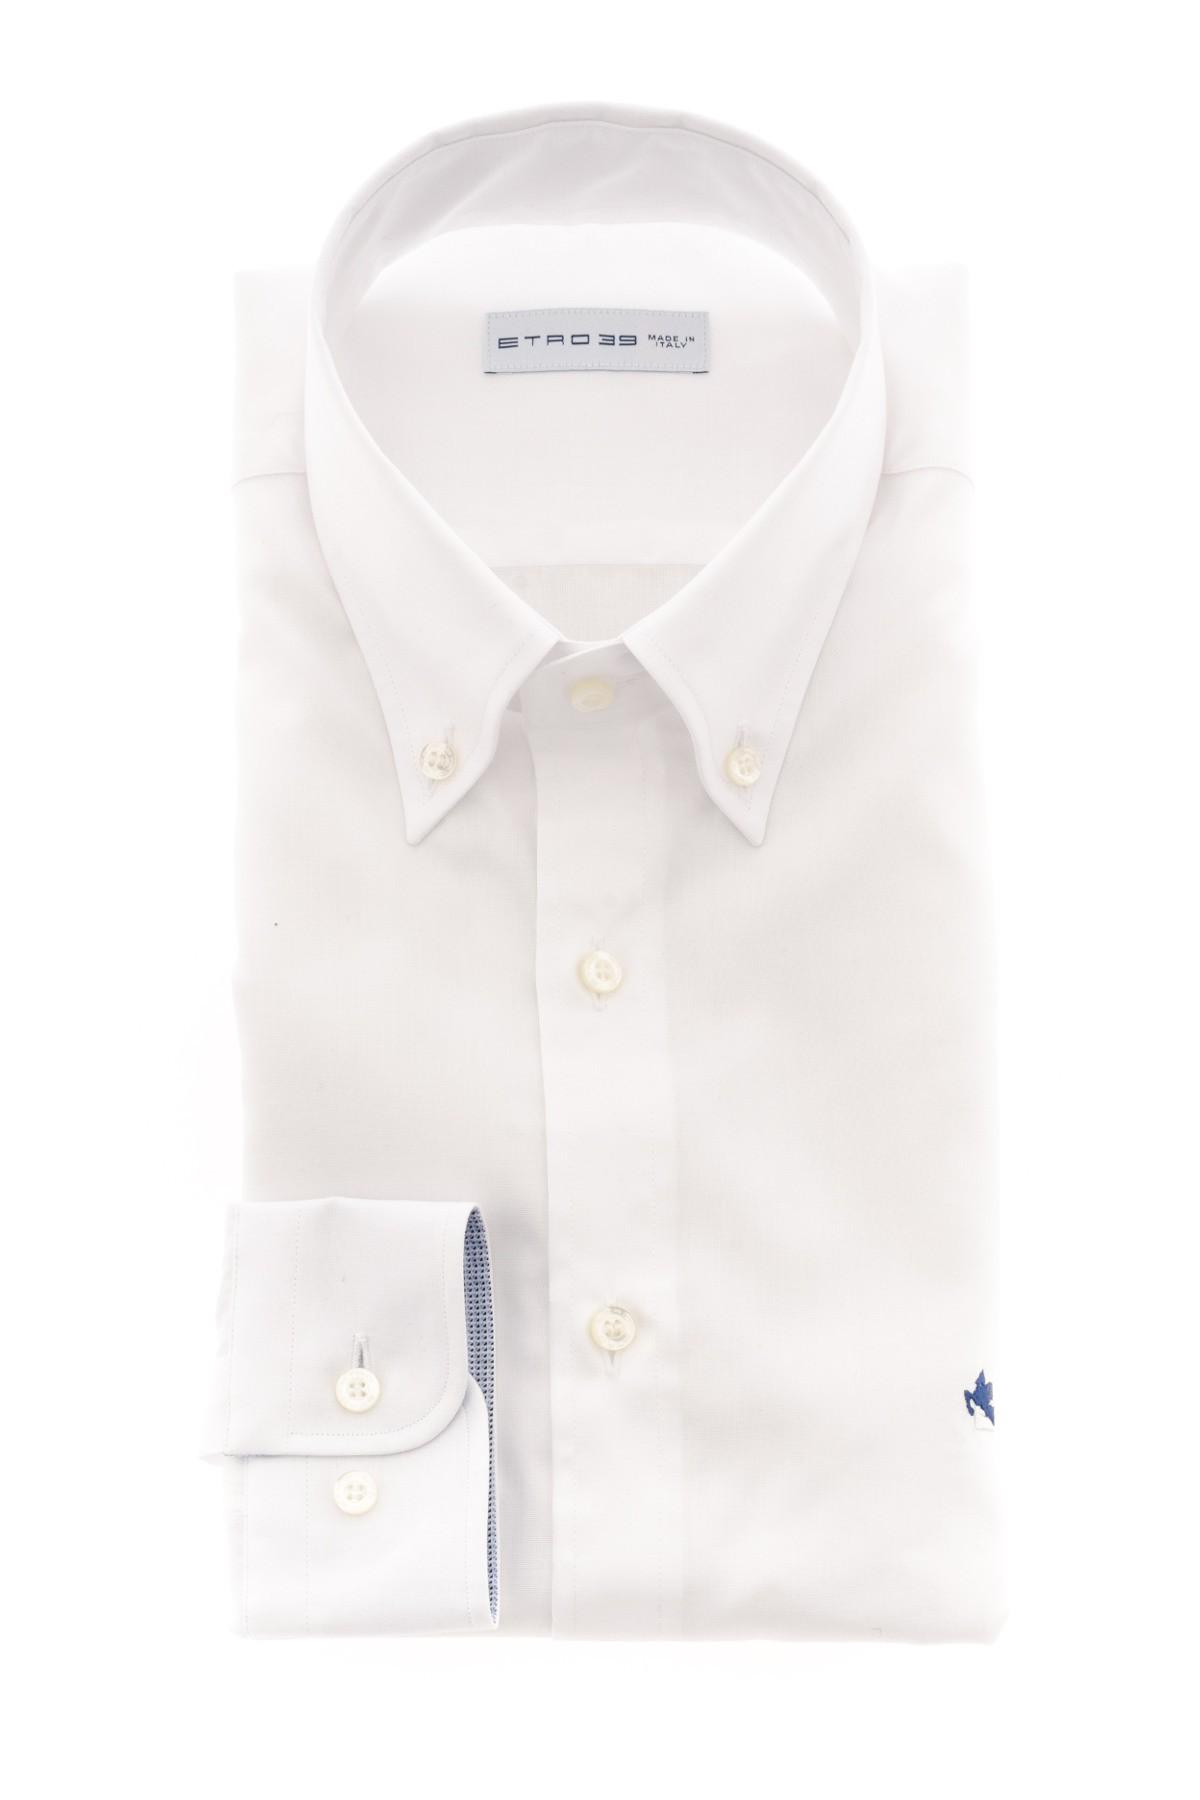 wholesale dealer a5ac3 6a379 ETRO Camicia bianca per uomo A/I